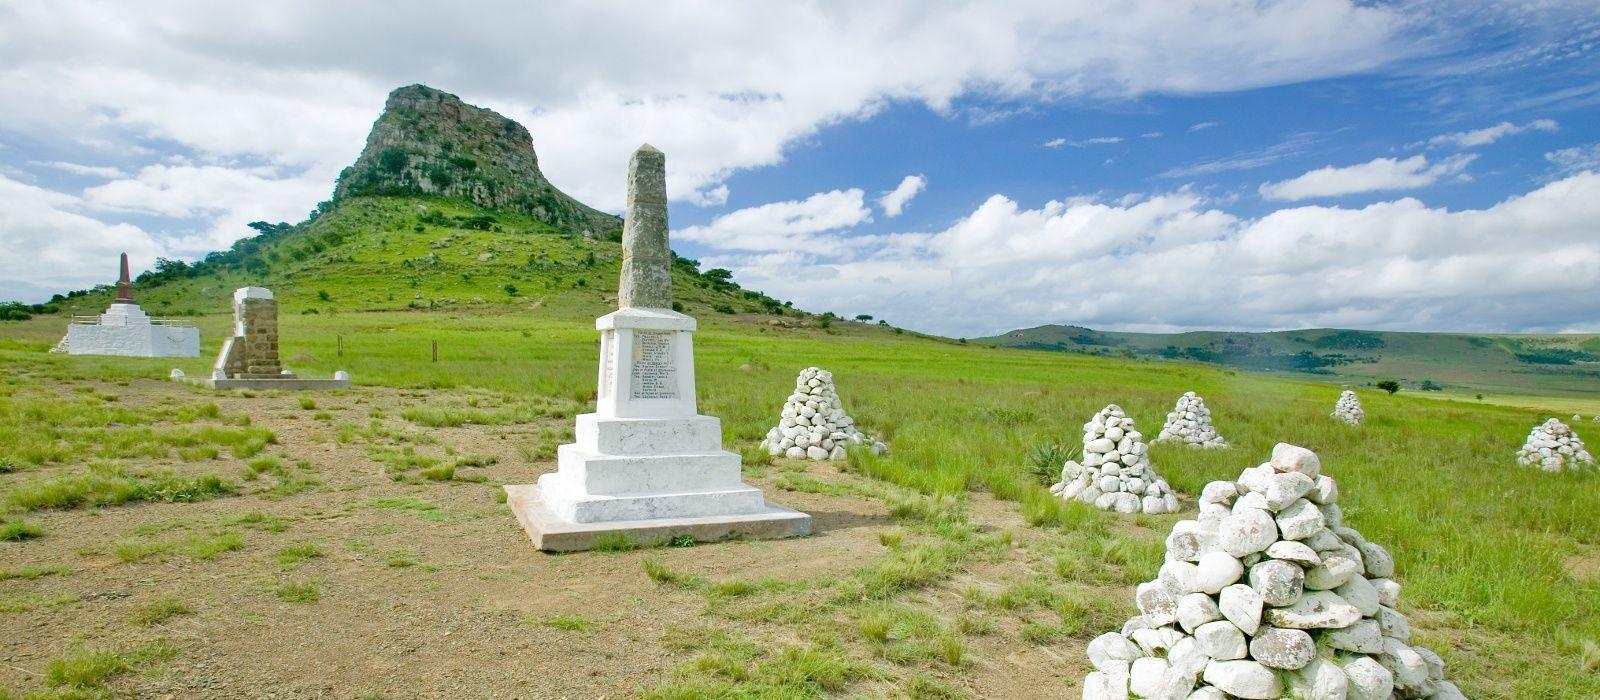 Destination Battlefields South Africa